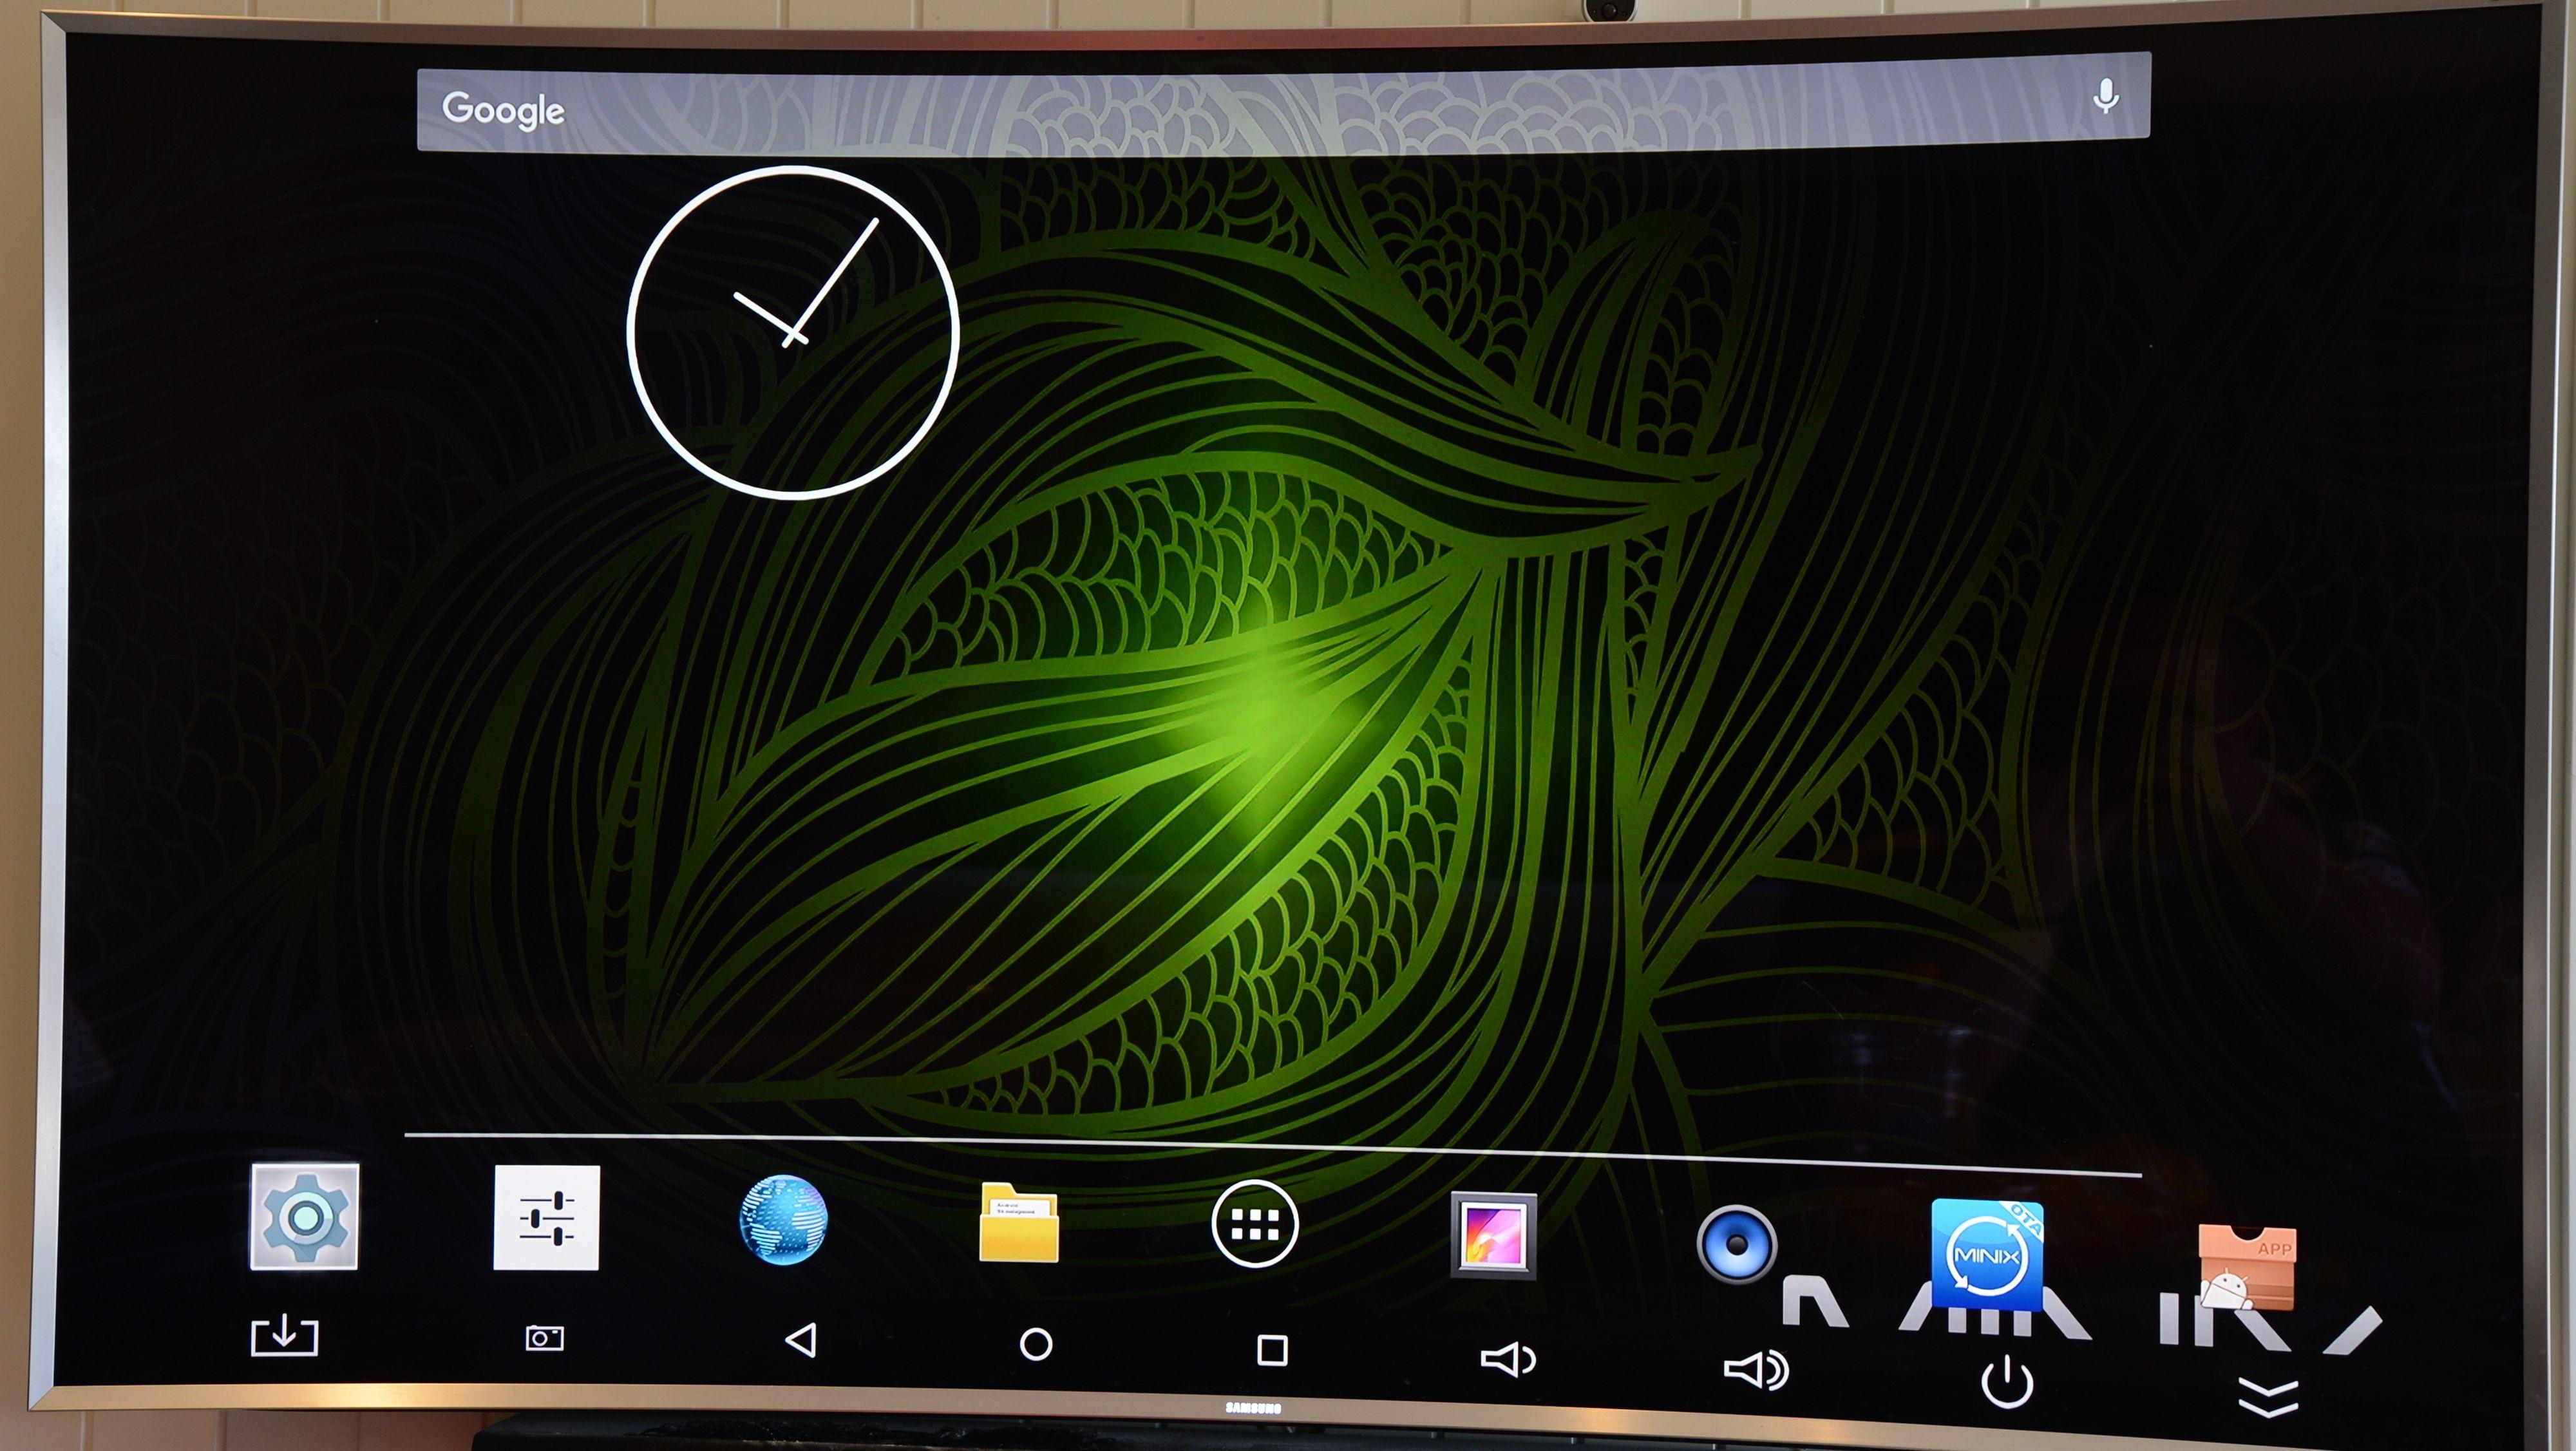 Startsiden du kommer til minner deg raskt om en hvilken som helt Android-startskjerm.